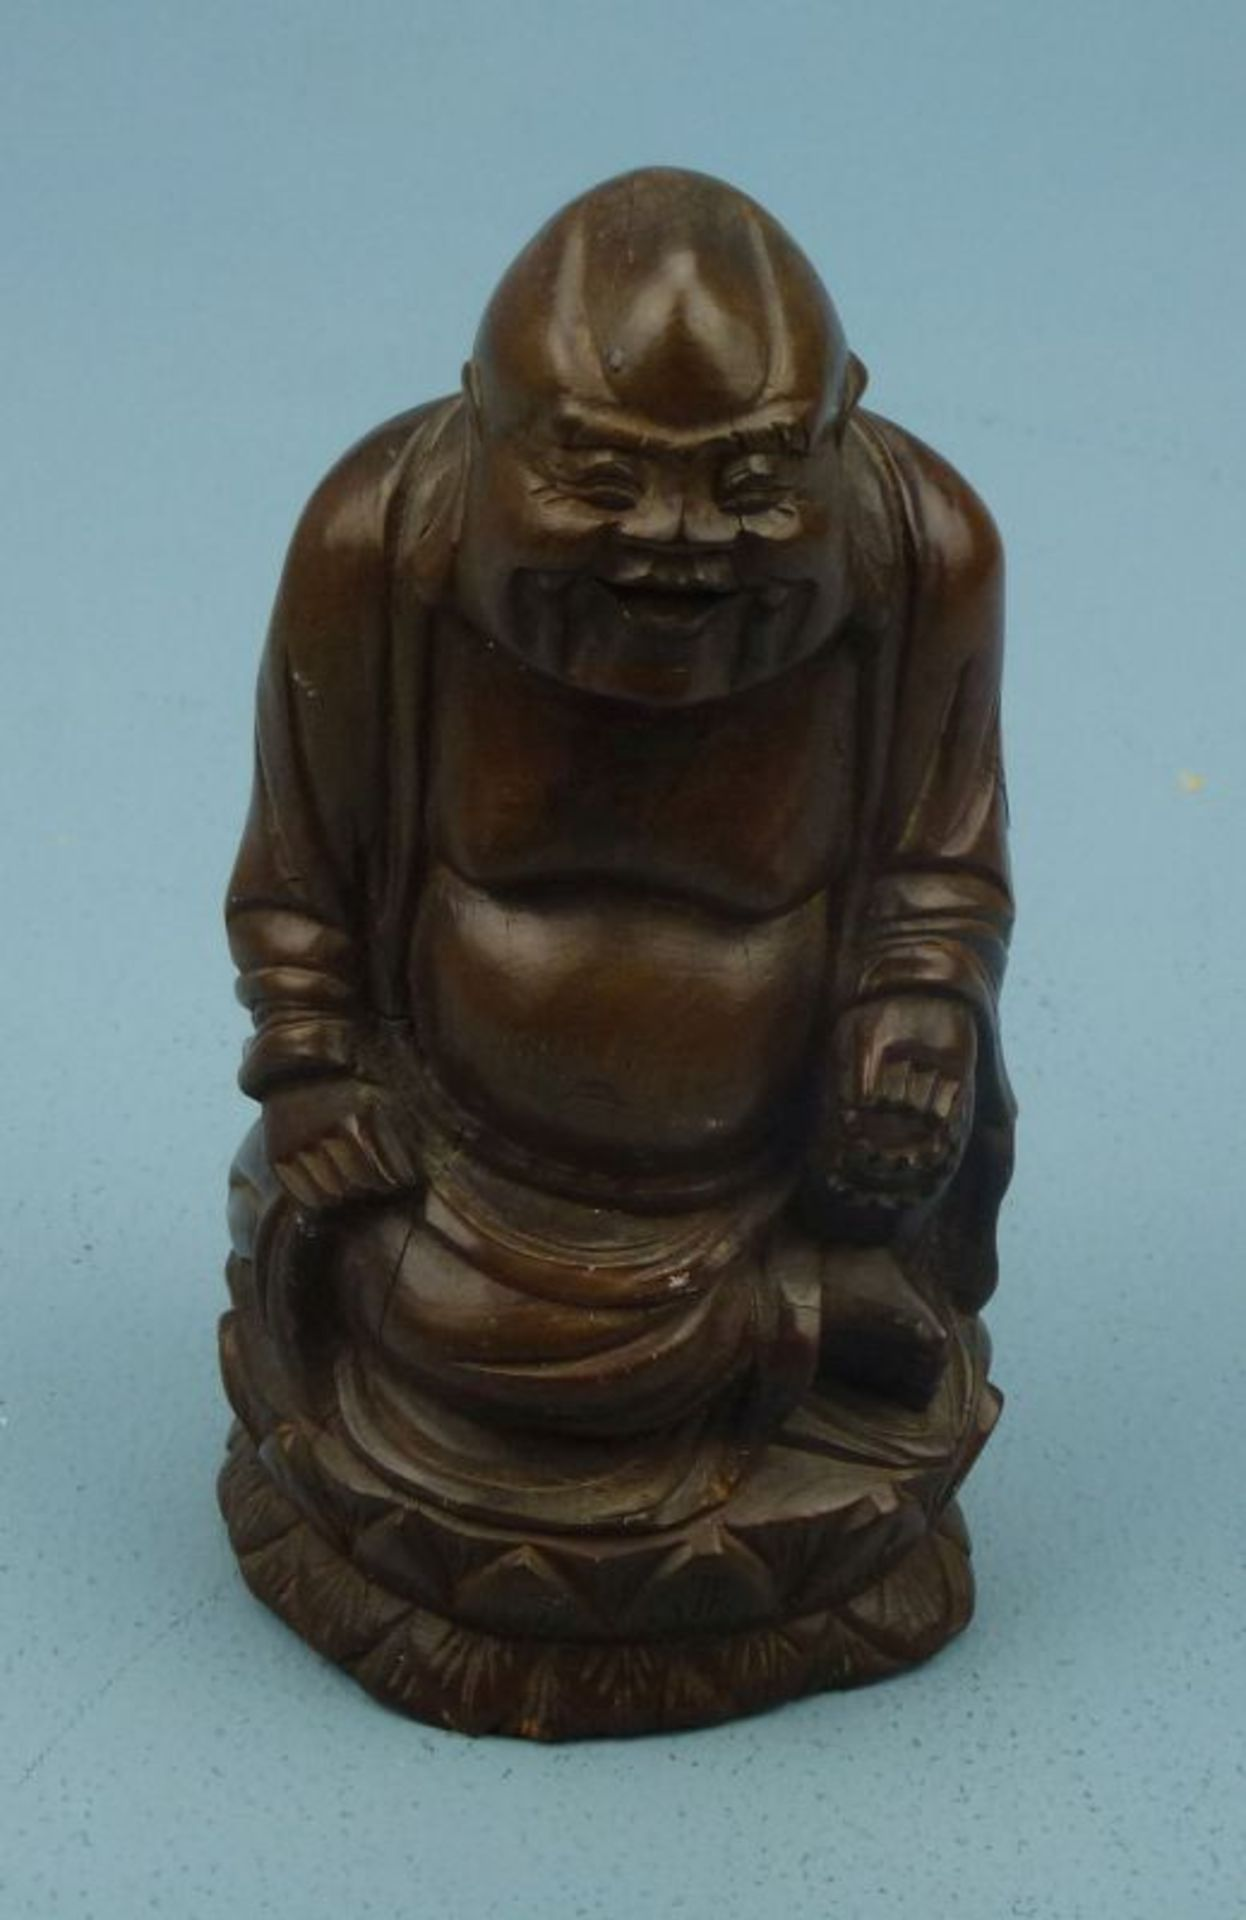 BudaiHolz geschnitzt, lachender Buddha in Lotussitz, H 14 cm